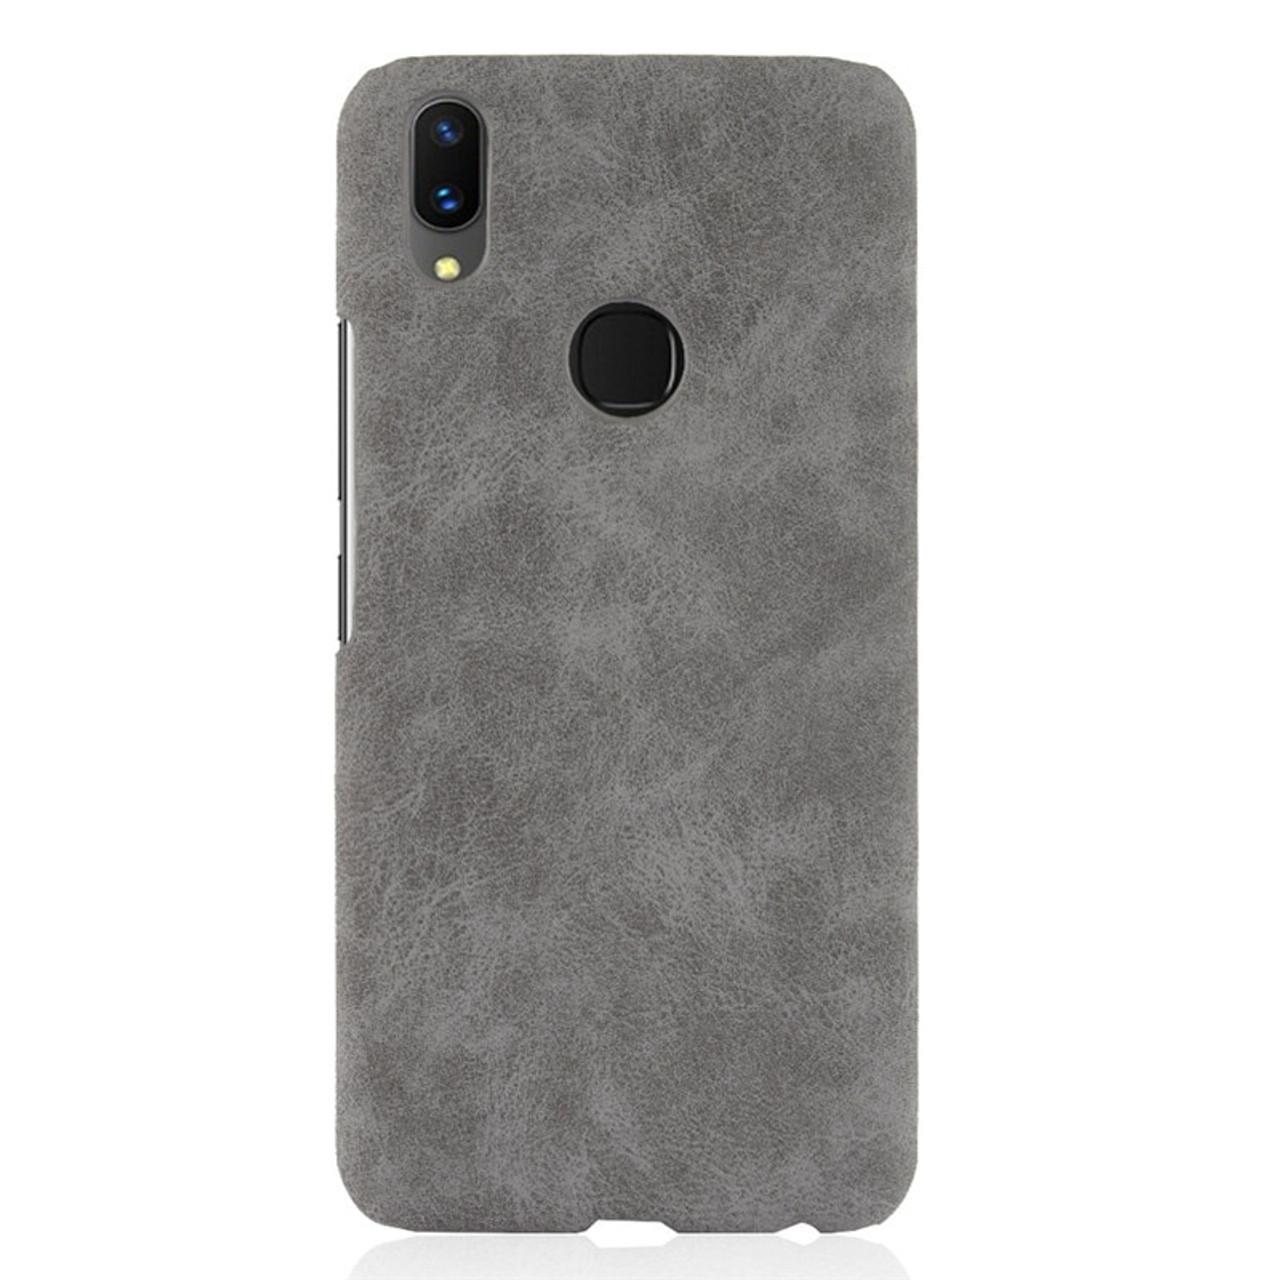 buy popular 3c42f c30a5 For Vivo V9 Case Vivo V9 Case PU Leather Hard Plastic Back Cover Phone Case  For Vivo V9 V 9 Youth 1723 VivoV9 6.3 inch